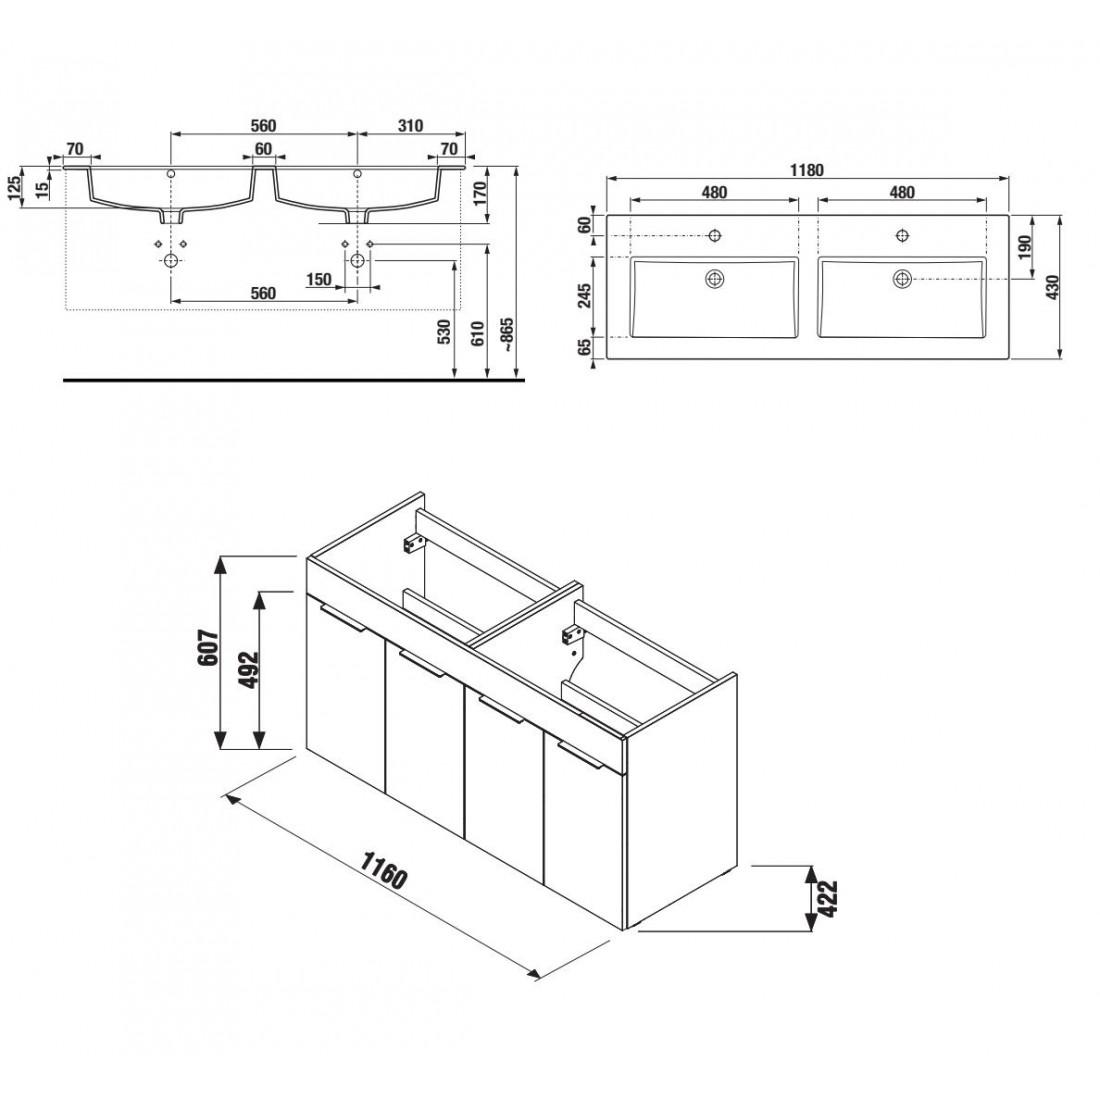 Spintelė CUBE su dvigubu praustuvu 120x43 cm, 4 durelės, juodas ąžuolas